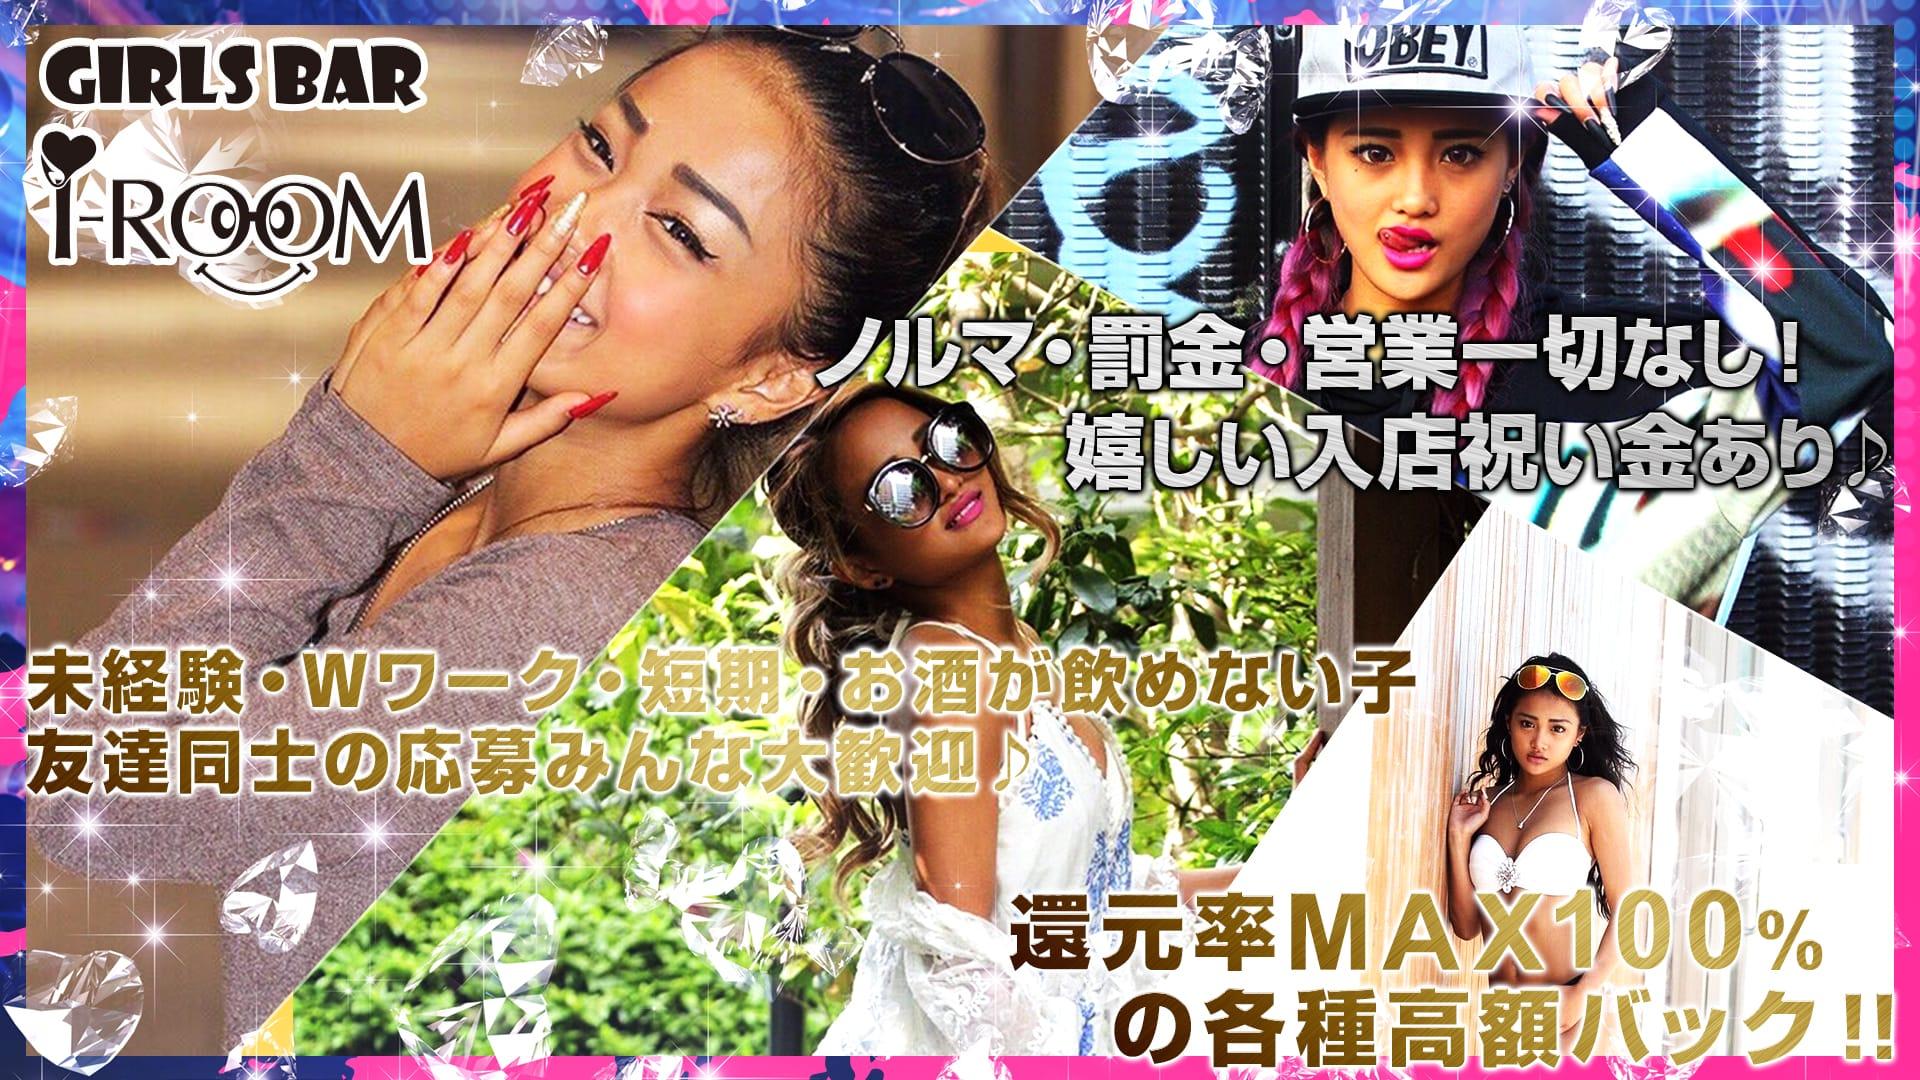 i-ROOM<アイルーム> 上野 ガールズバー TOP画像